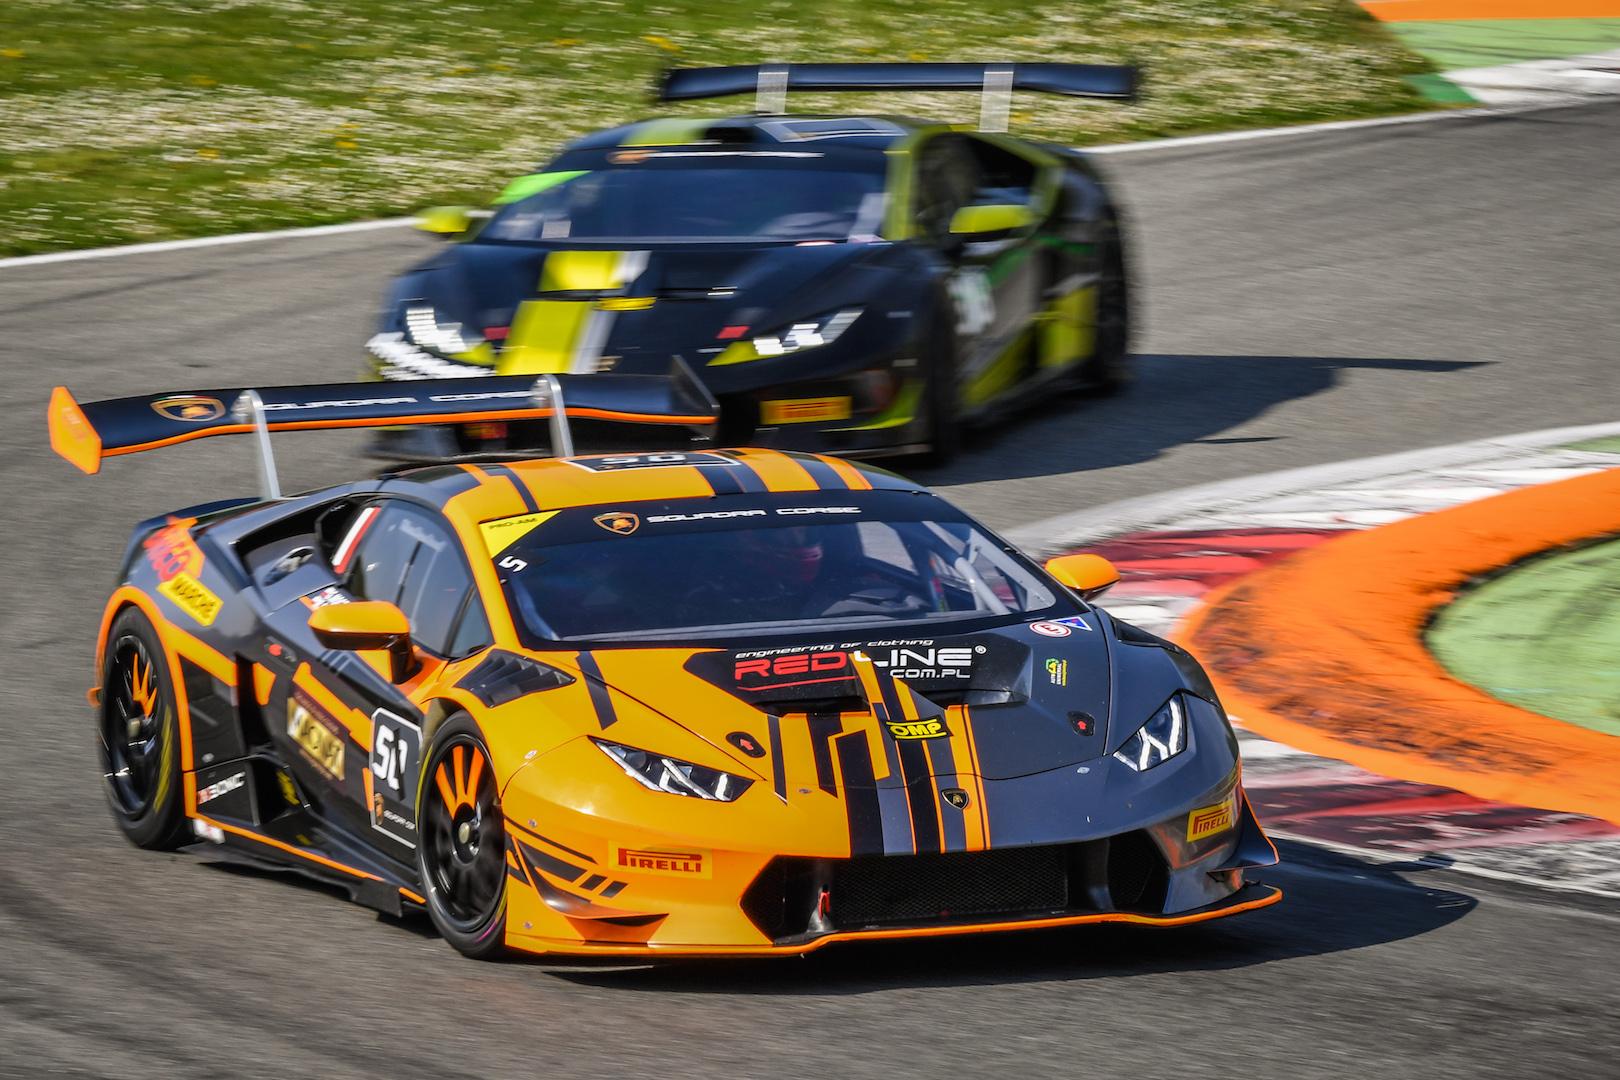 Lamborghini Super Trofeo >> First Round Of The Lamborghini Super Trofeo Europe To Be